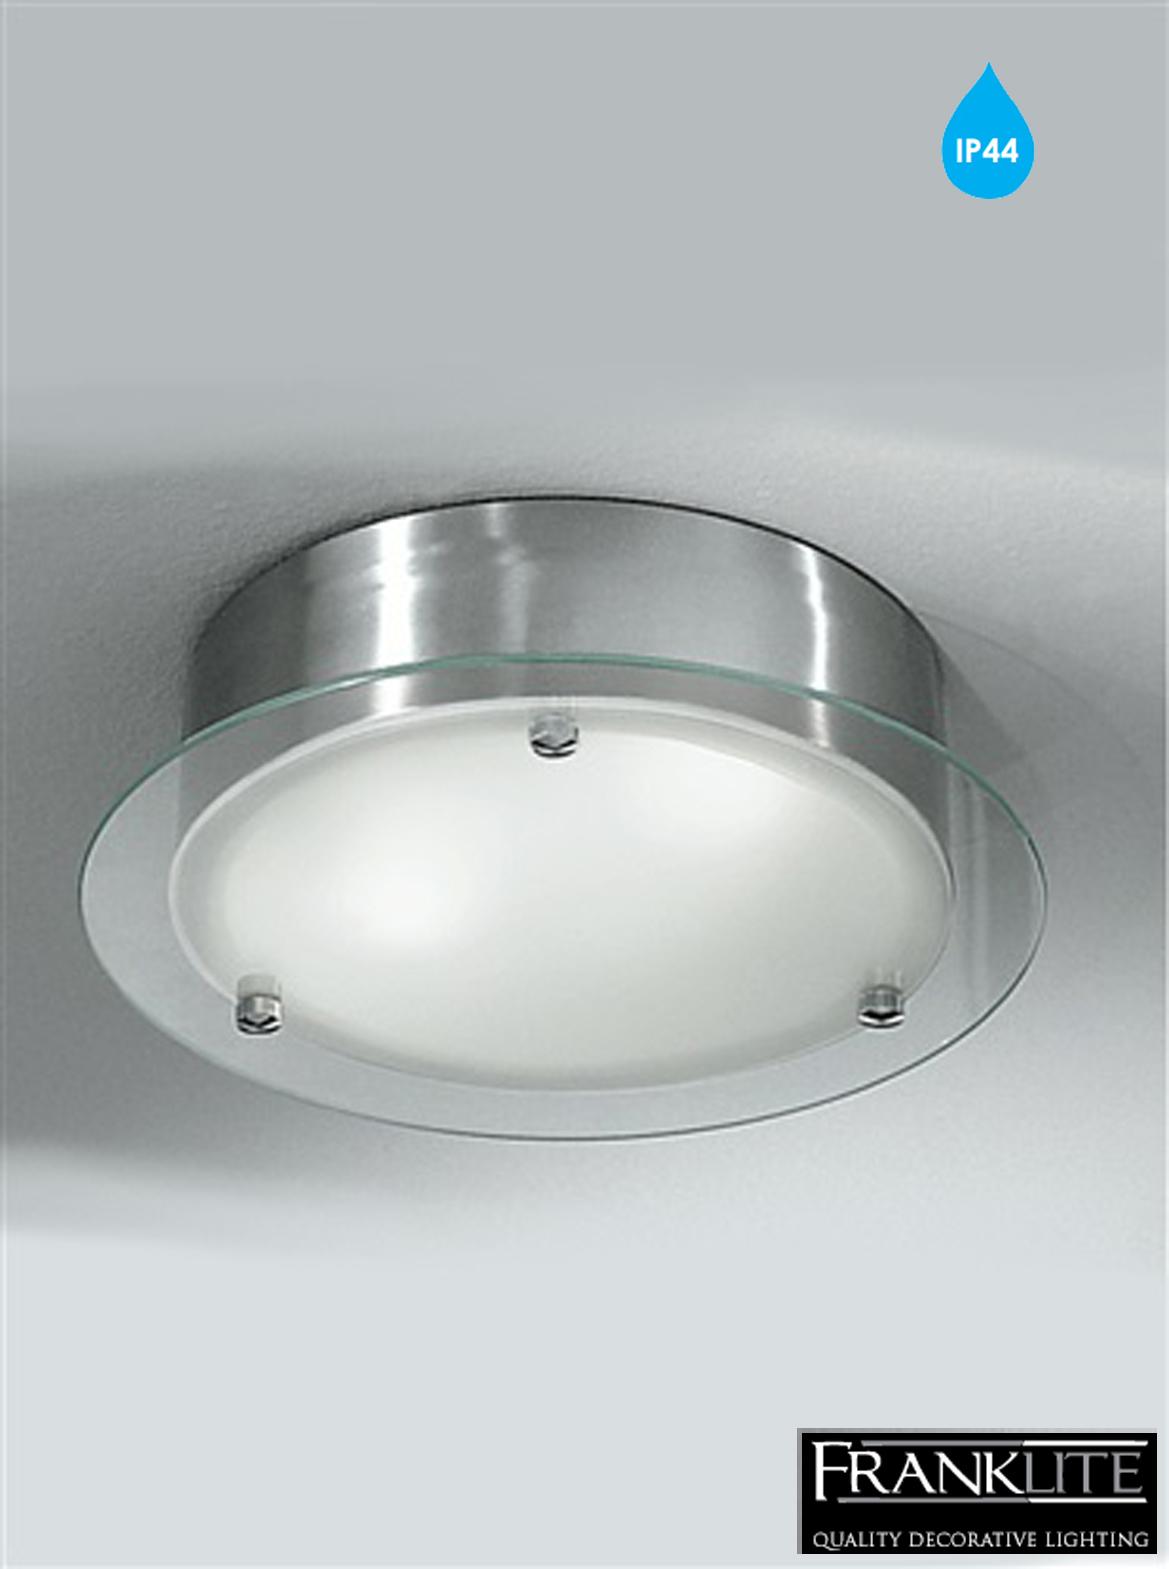 Bathroom Ceiling Lights Ip44 : Franklite satin glass nickel mm flush light